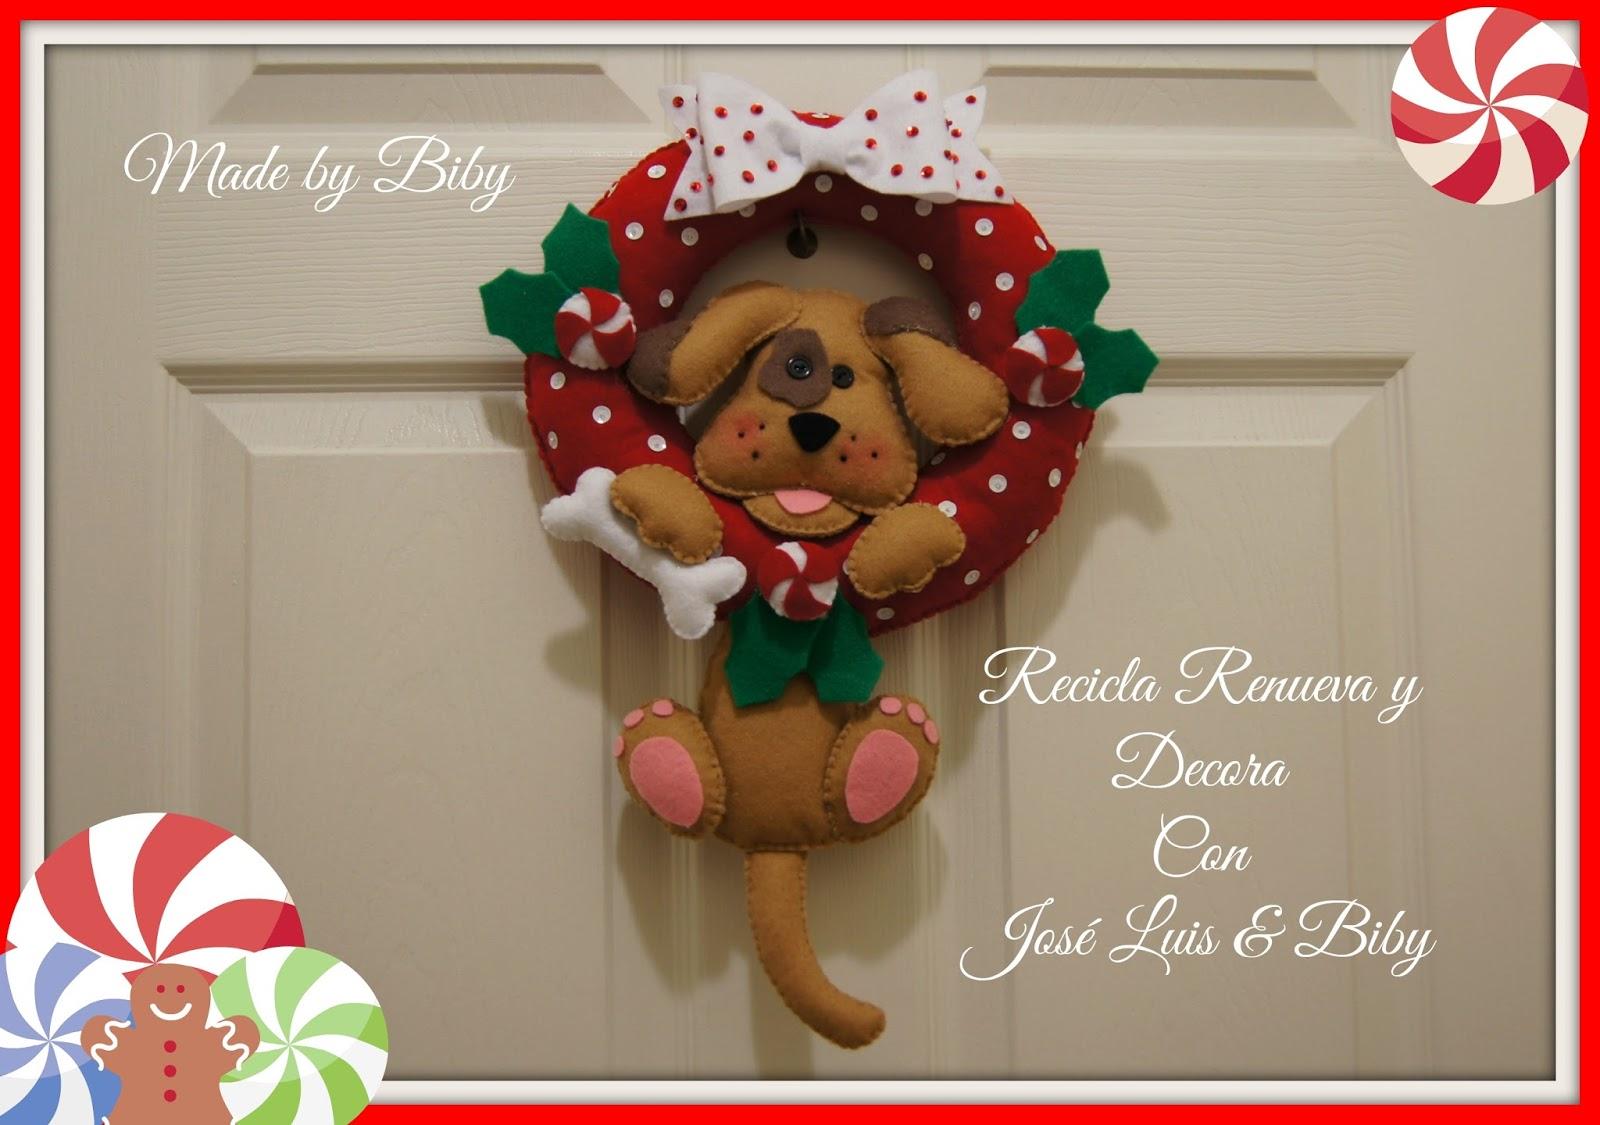 Recicla renueva y decora con jos luis y biby corona y - Coronas navidenas de fieltro ...